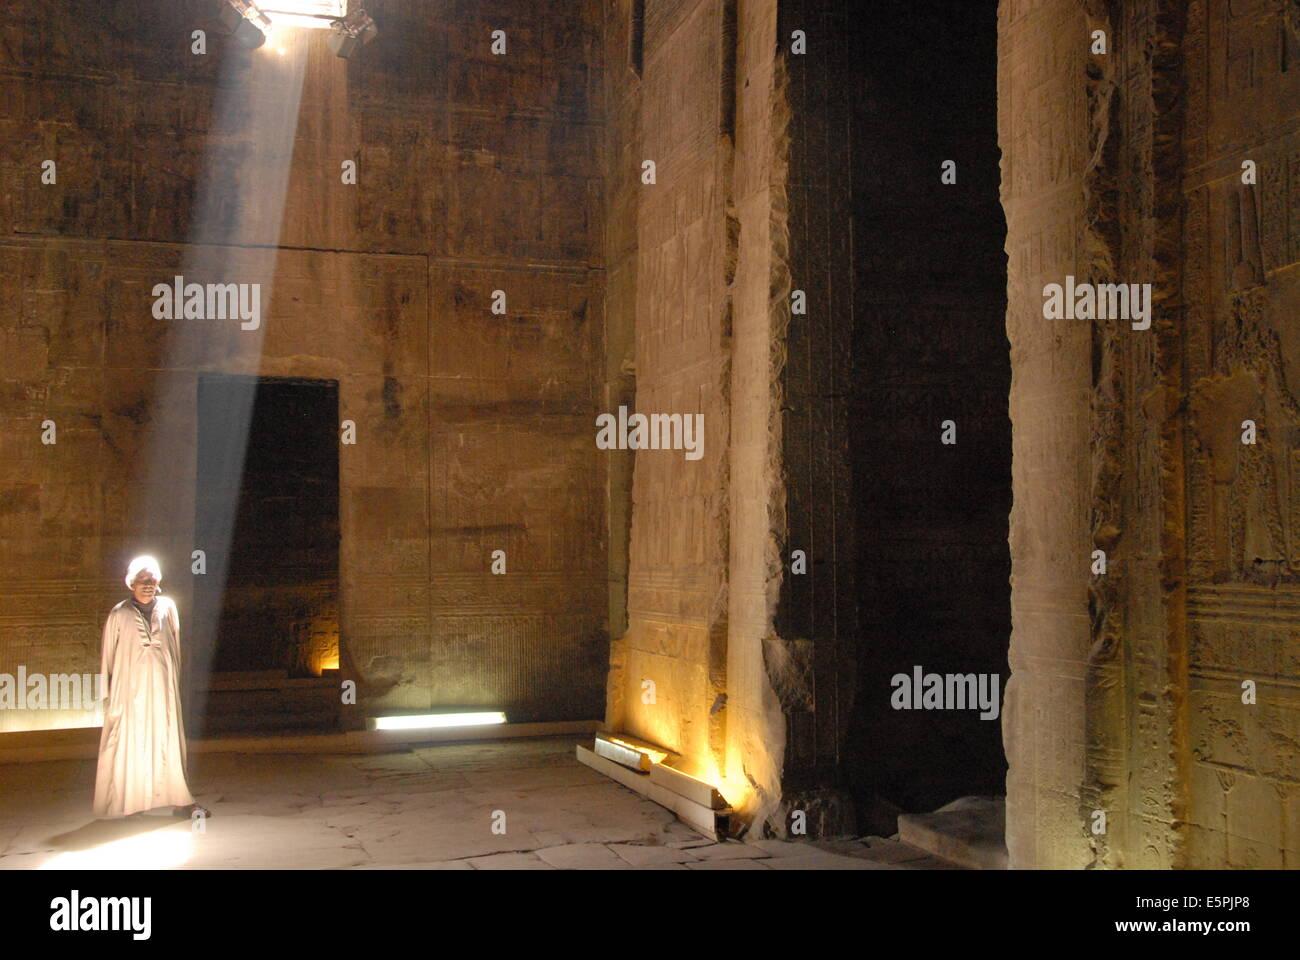 Die äußeren Säulenhalle im Tempel von Hathor, Dendera Nekropole, Qena, Niltal, Ägypten, Nordafrika, Stockbild